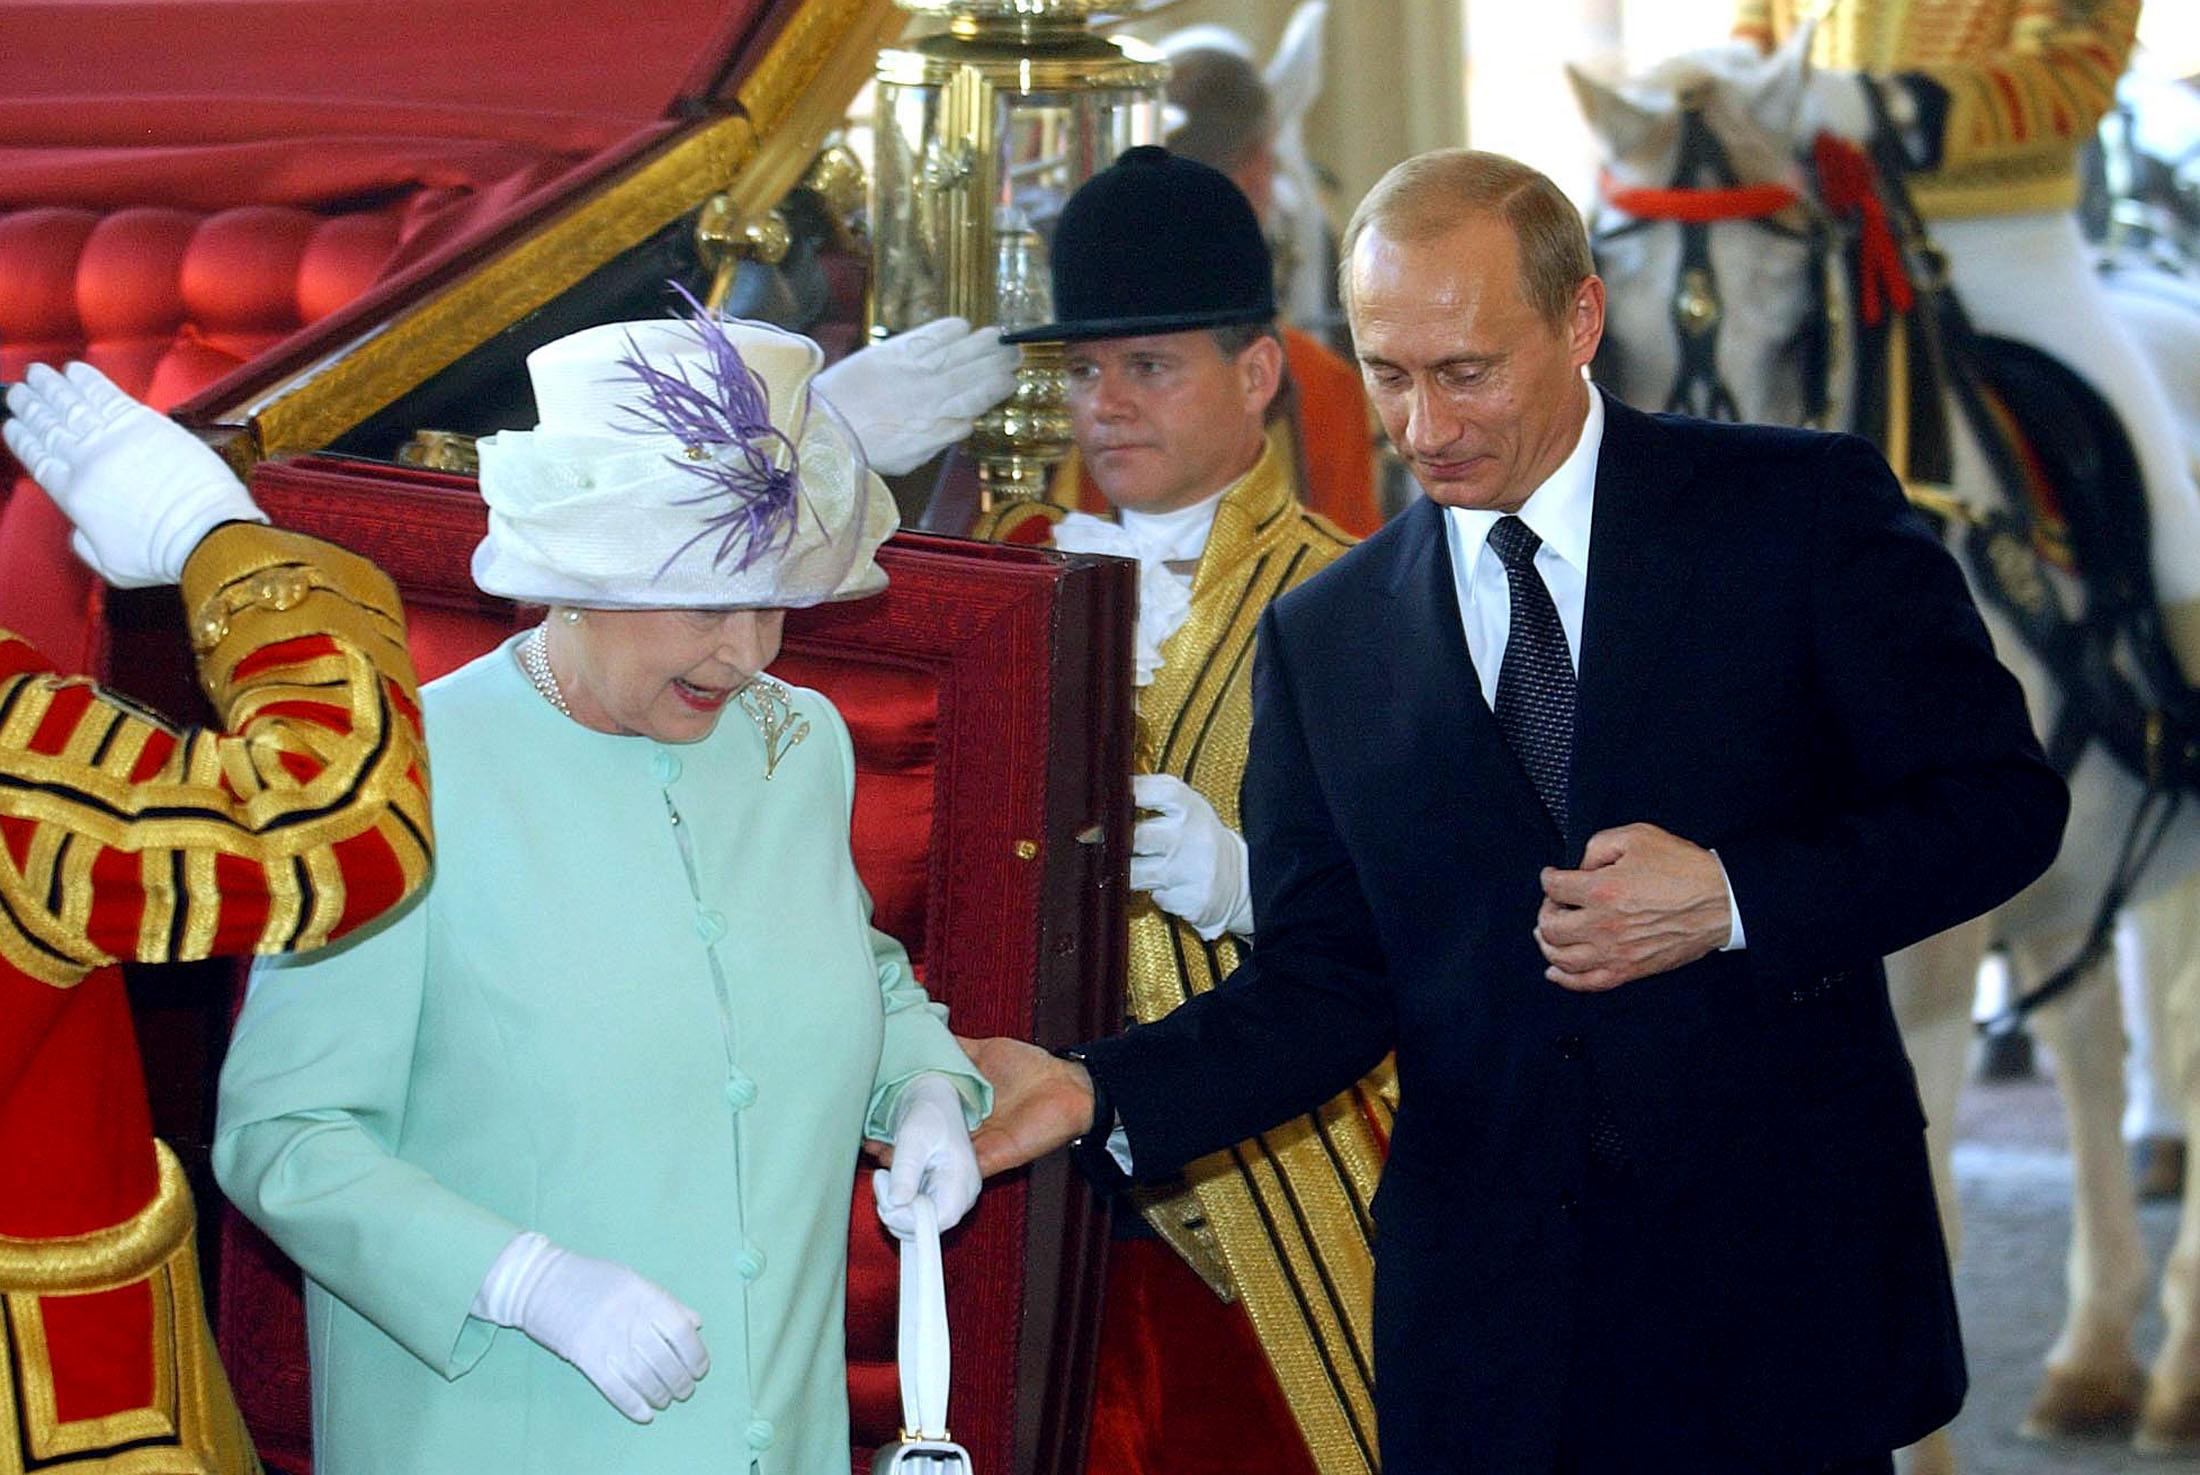 8/10. Путин током посете Лондону помаже краљици Елизабети II да изађе из кочије у Бакингемској палати.